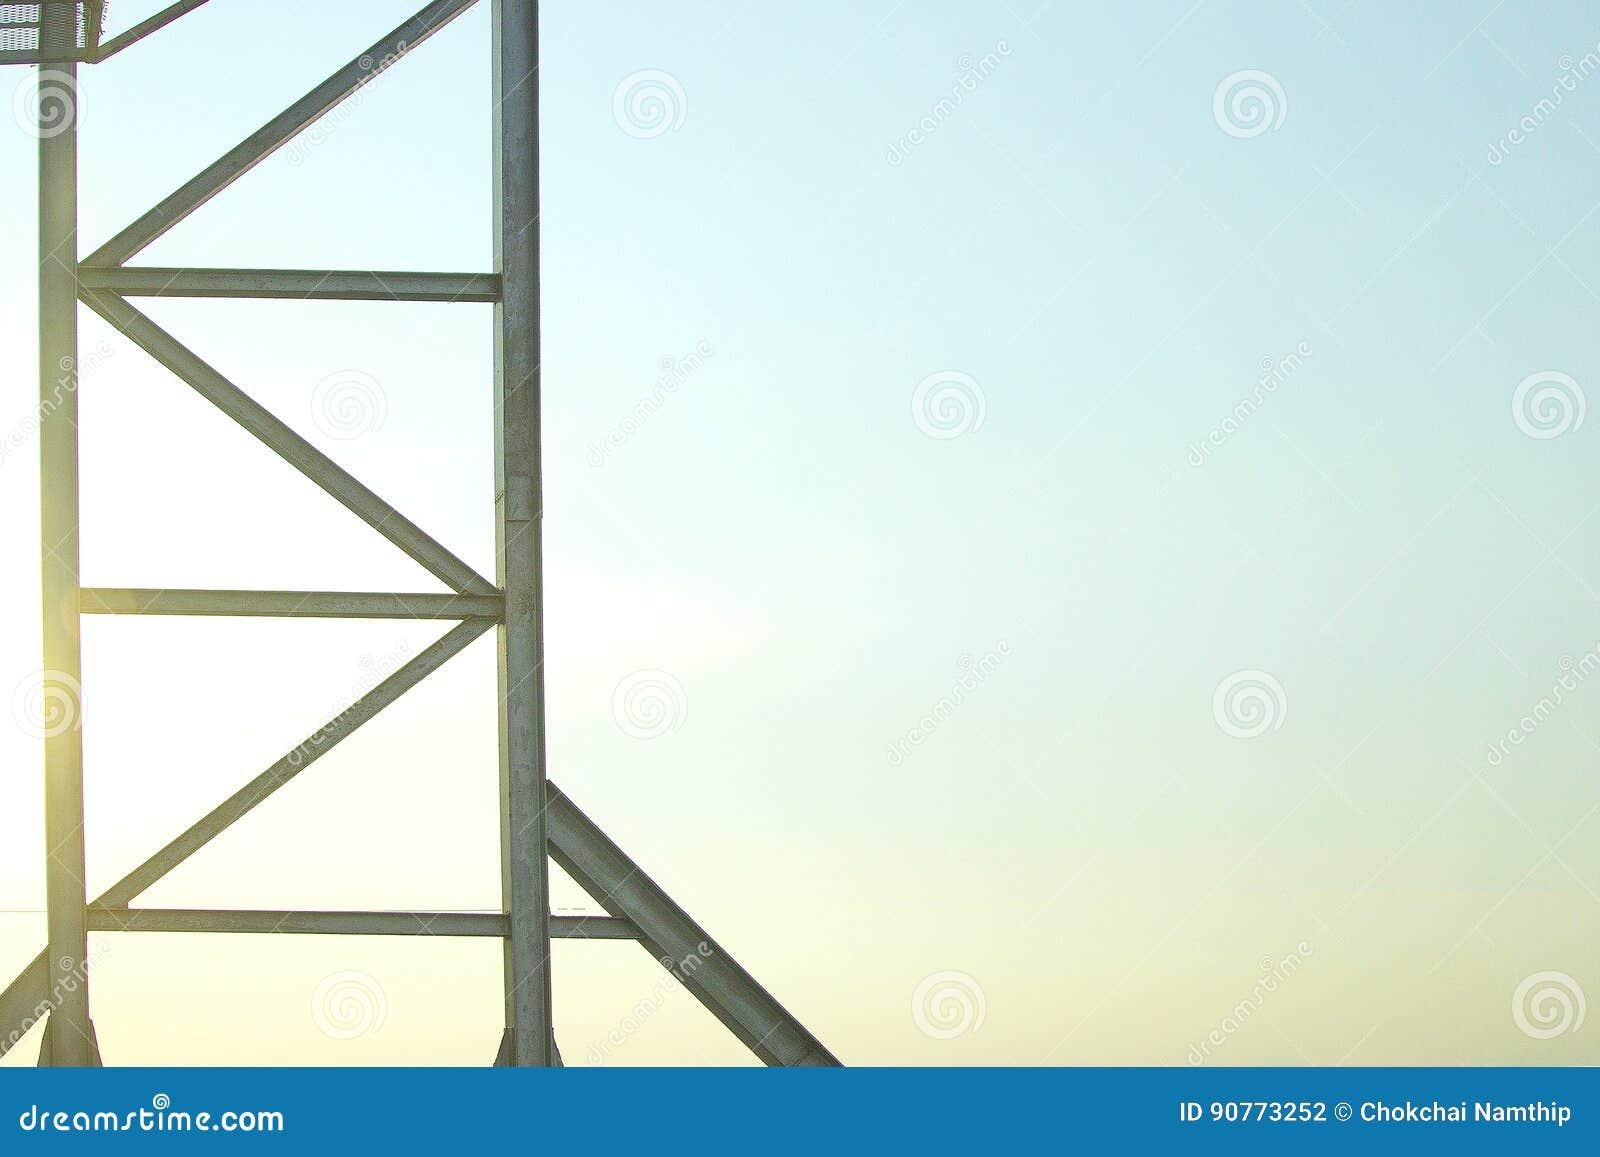 Stahlrahmenkonstruktion Ist Für Hintergrund Alt Stockfoto - Bild von ...